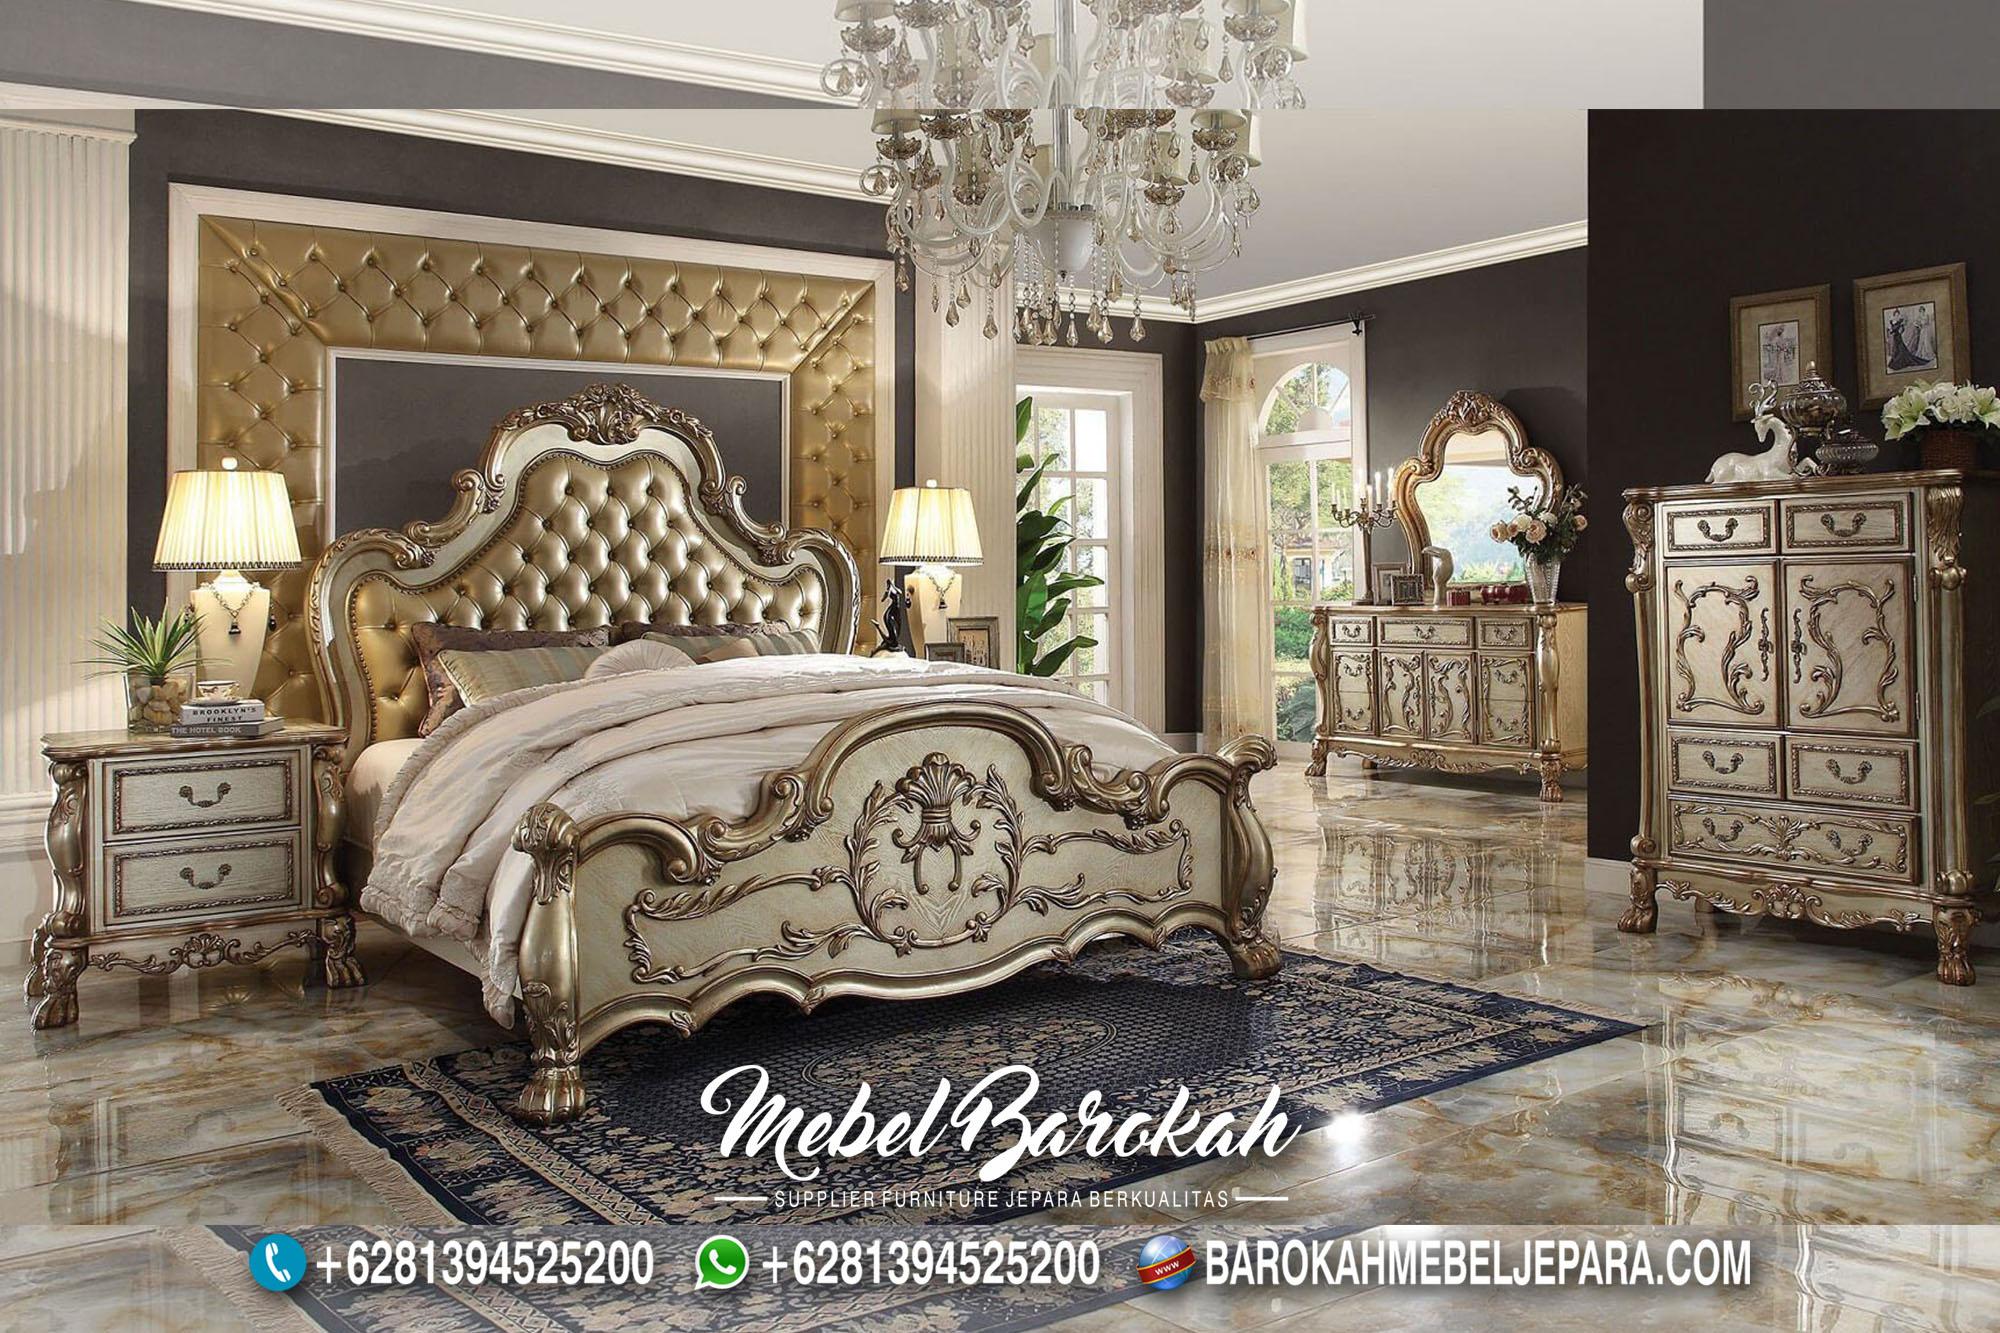 Bedroom Set Luxury Model Queen MB-654